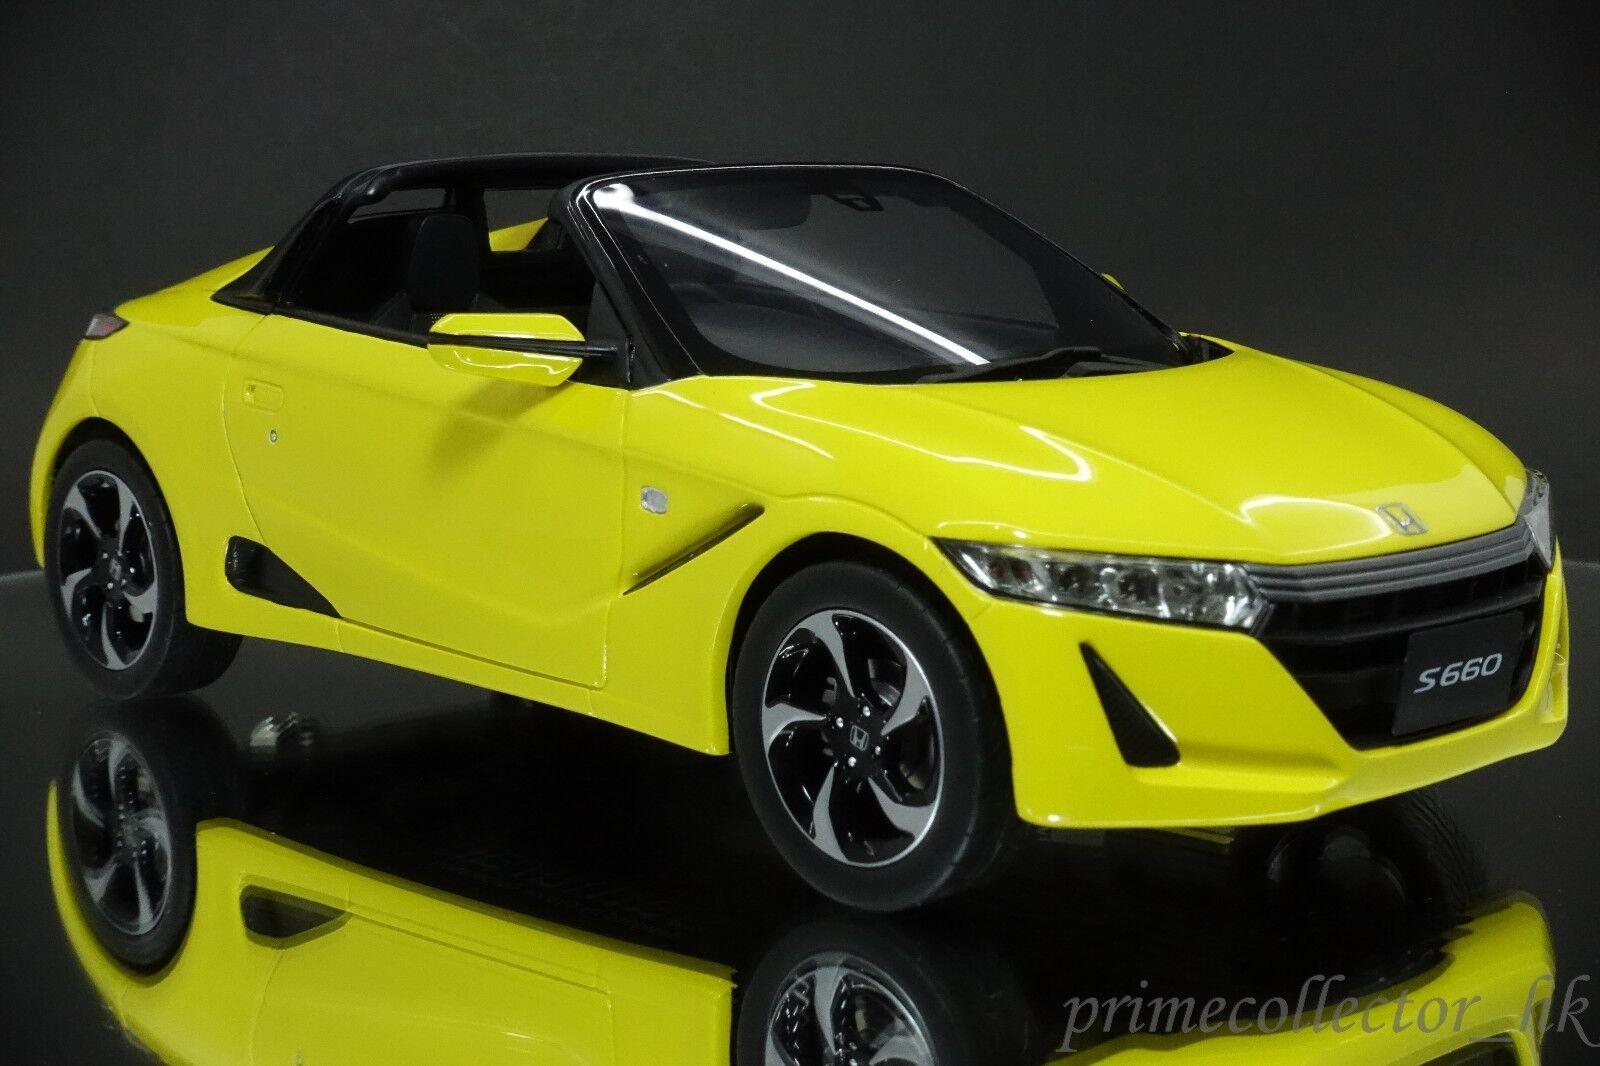 Nuevos productos de artículos novedosos. Samurai 1 18 Honda S660 α blancoo KSR18016Y KSR18016Y KSR18016Y  Garantía 100% de ajuste